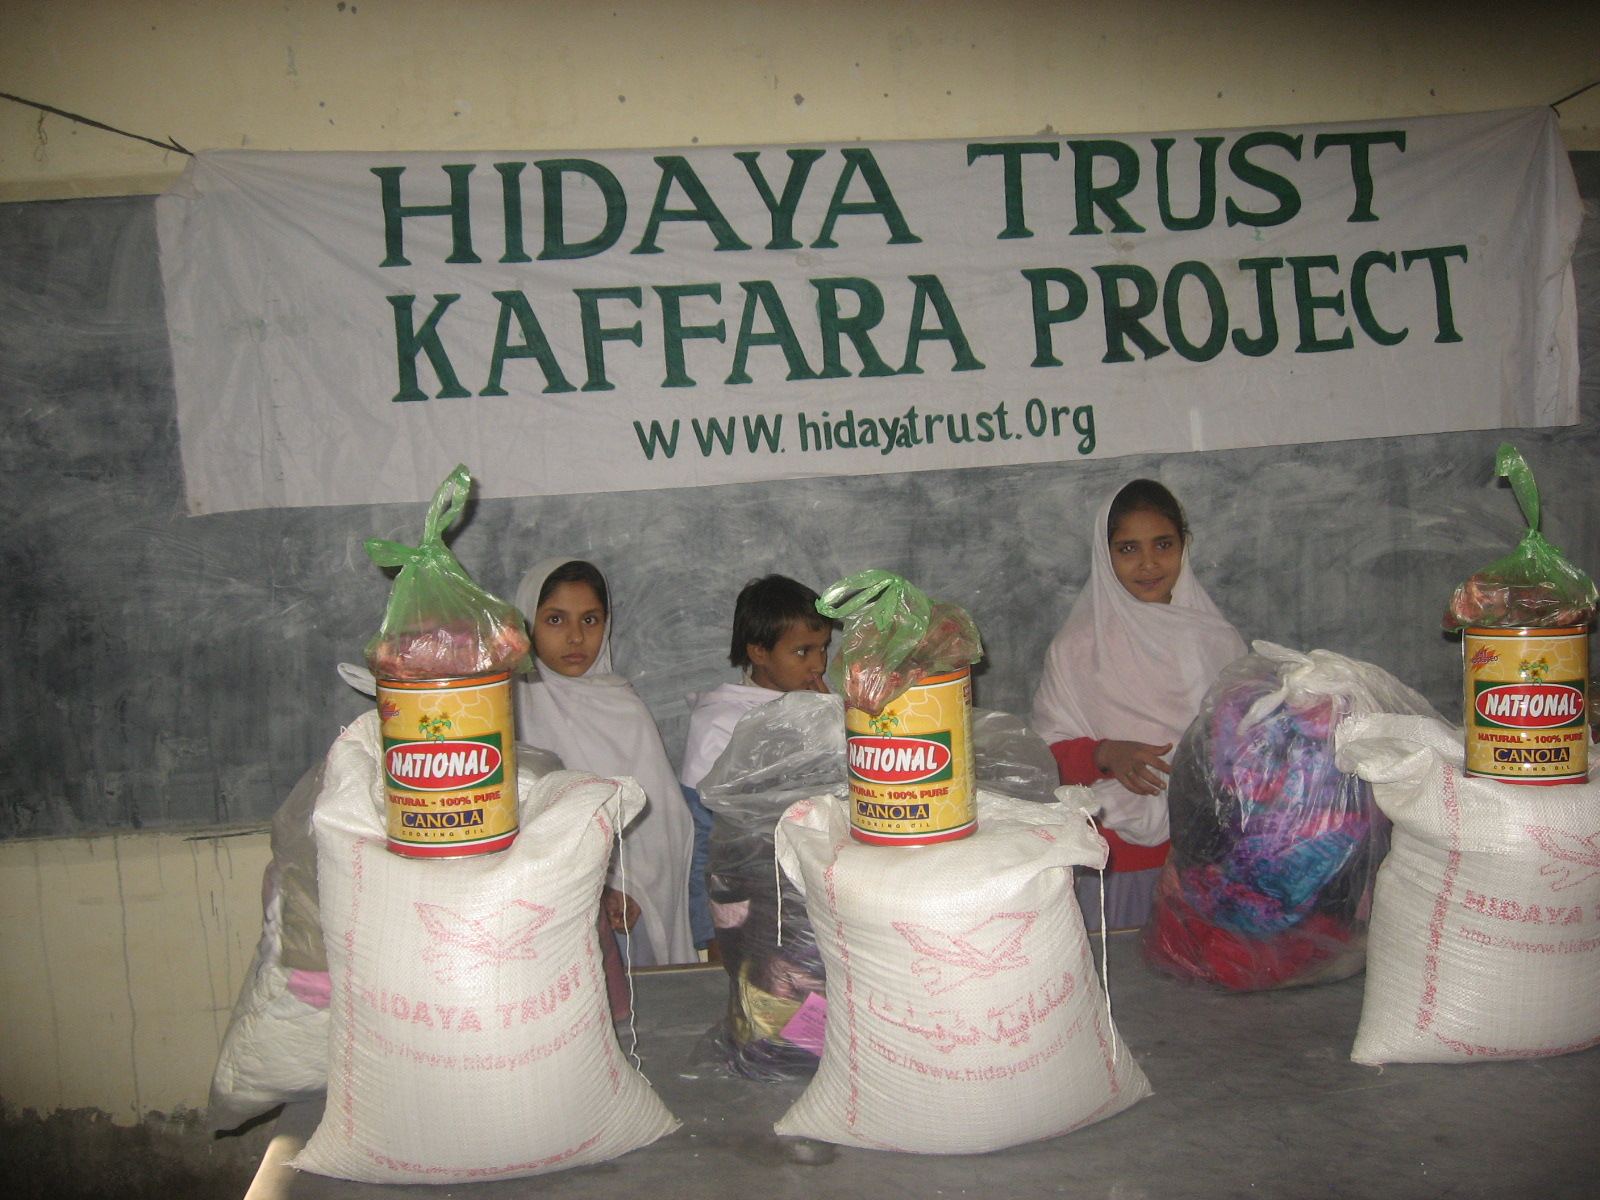 Kaffara1